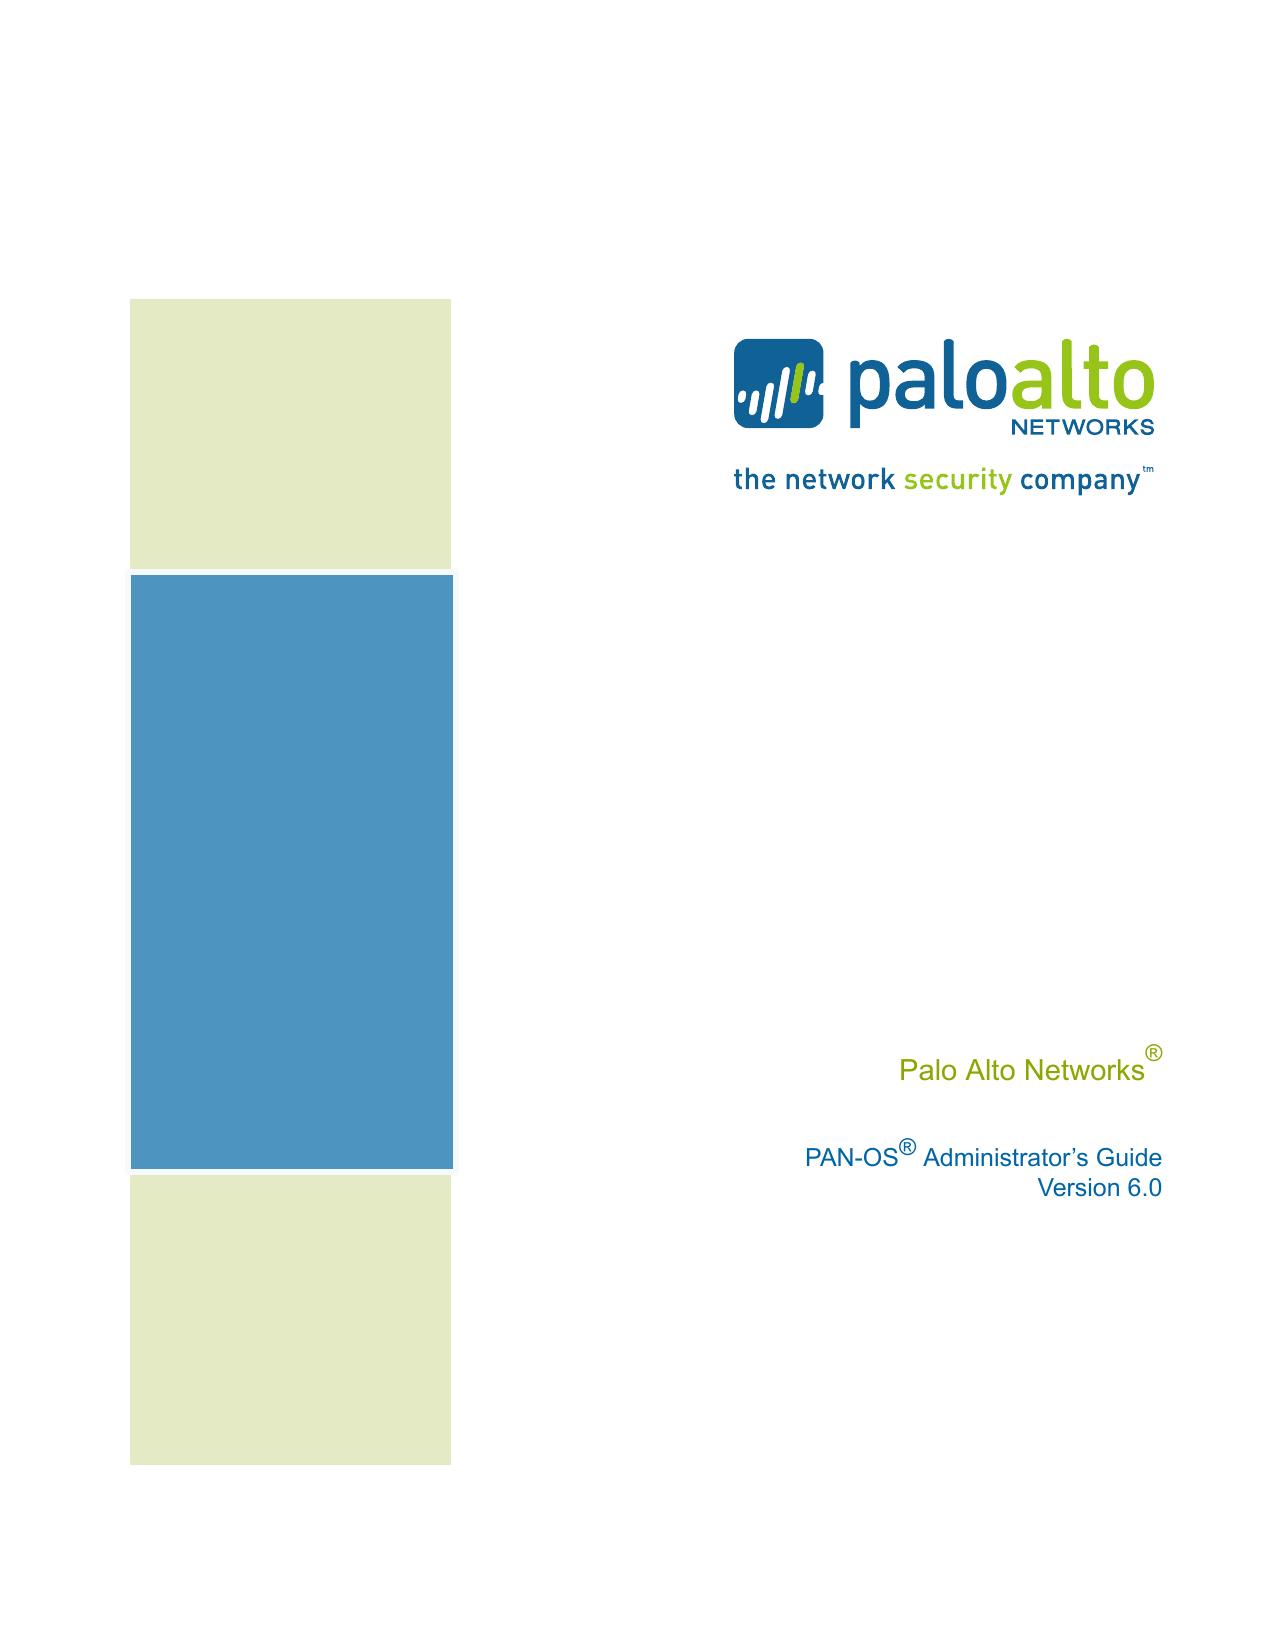 View - Palo Alto Networks Live | manualzz com